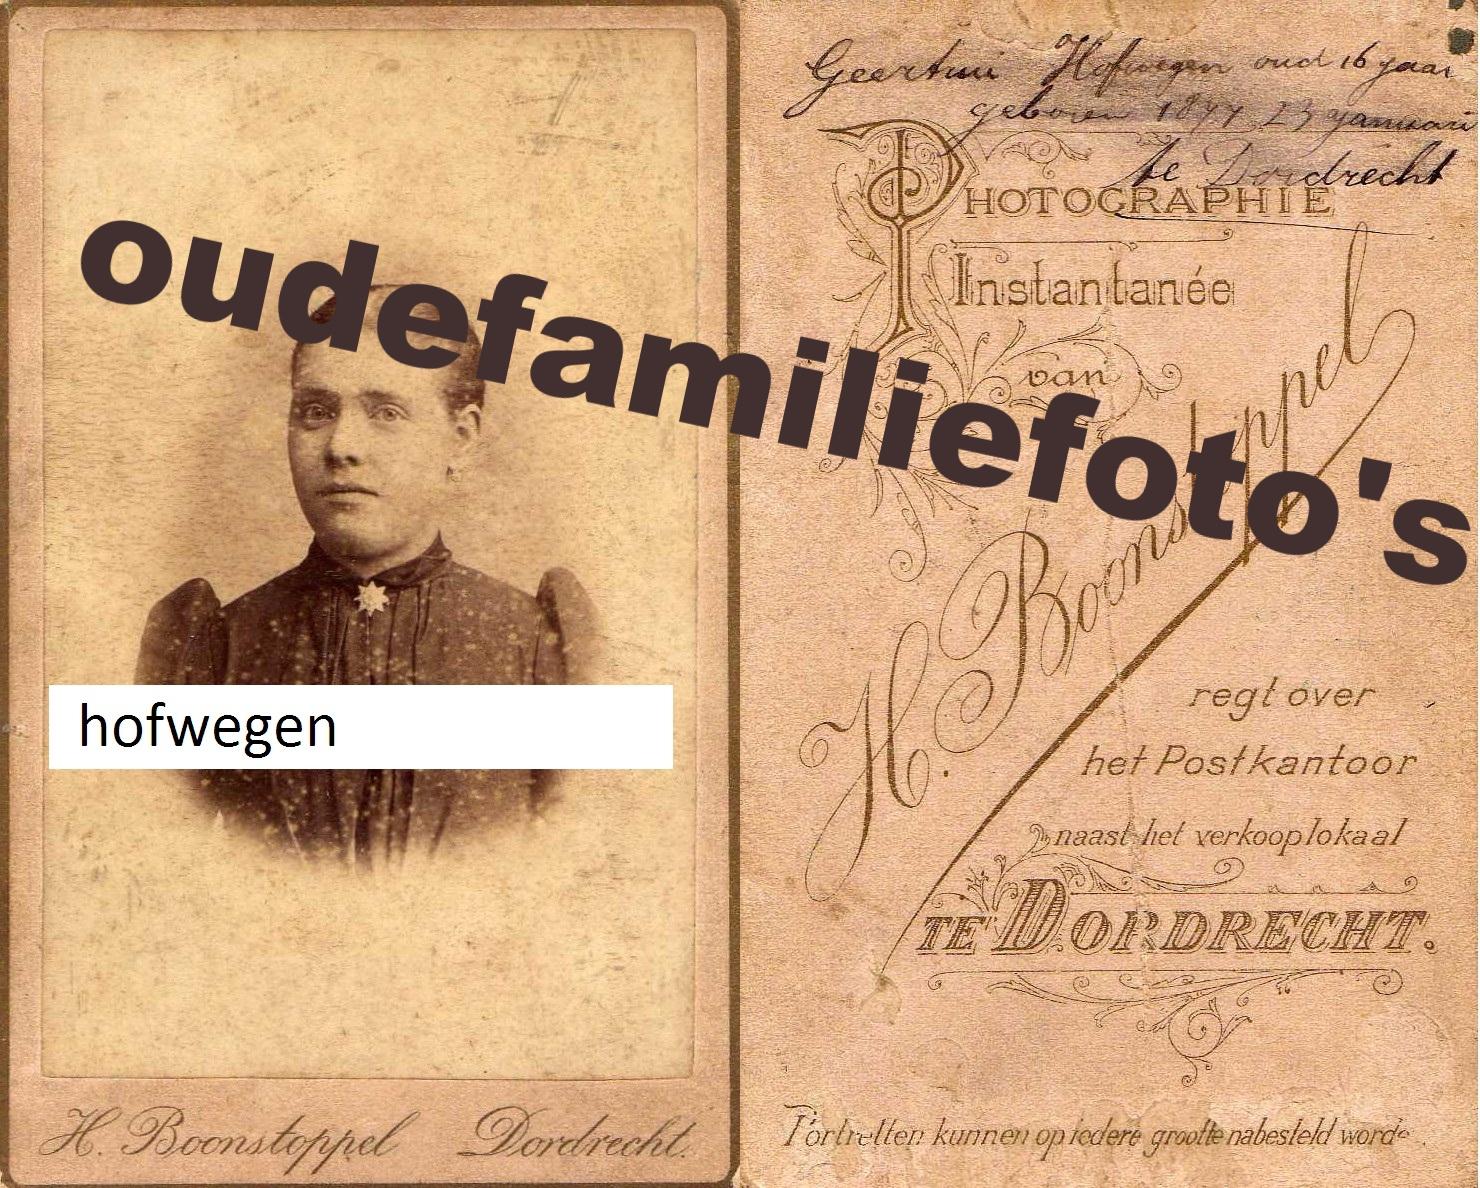 Hofwegen, Geertrui. geb: 23-1-1877 getrouwd met Jacobus Johannes Bosman. Dordrecht. € 3,00